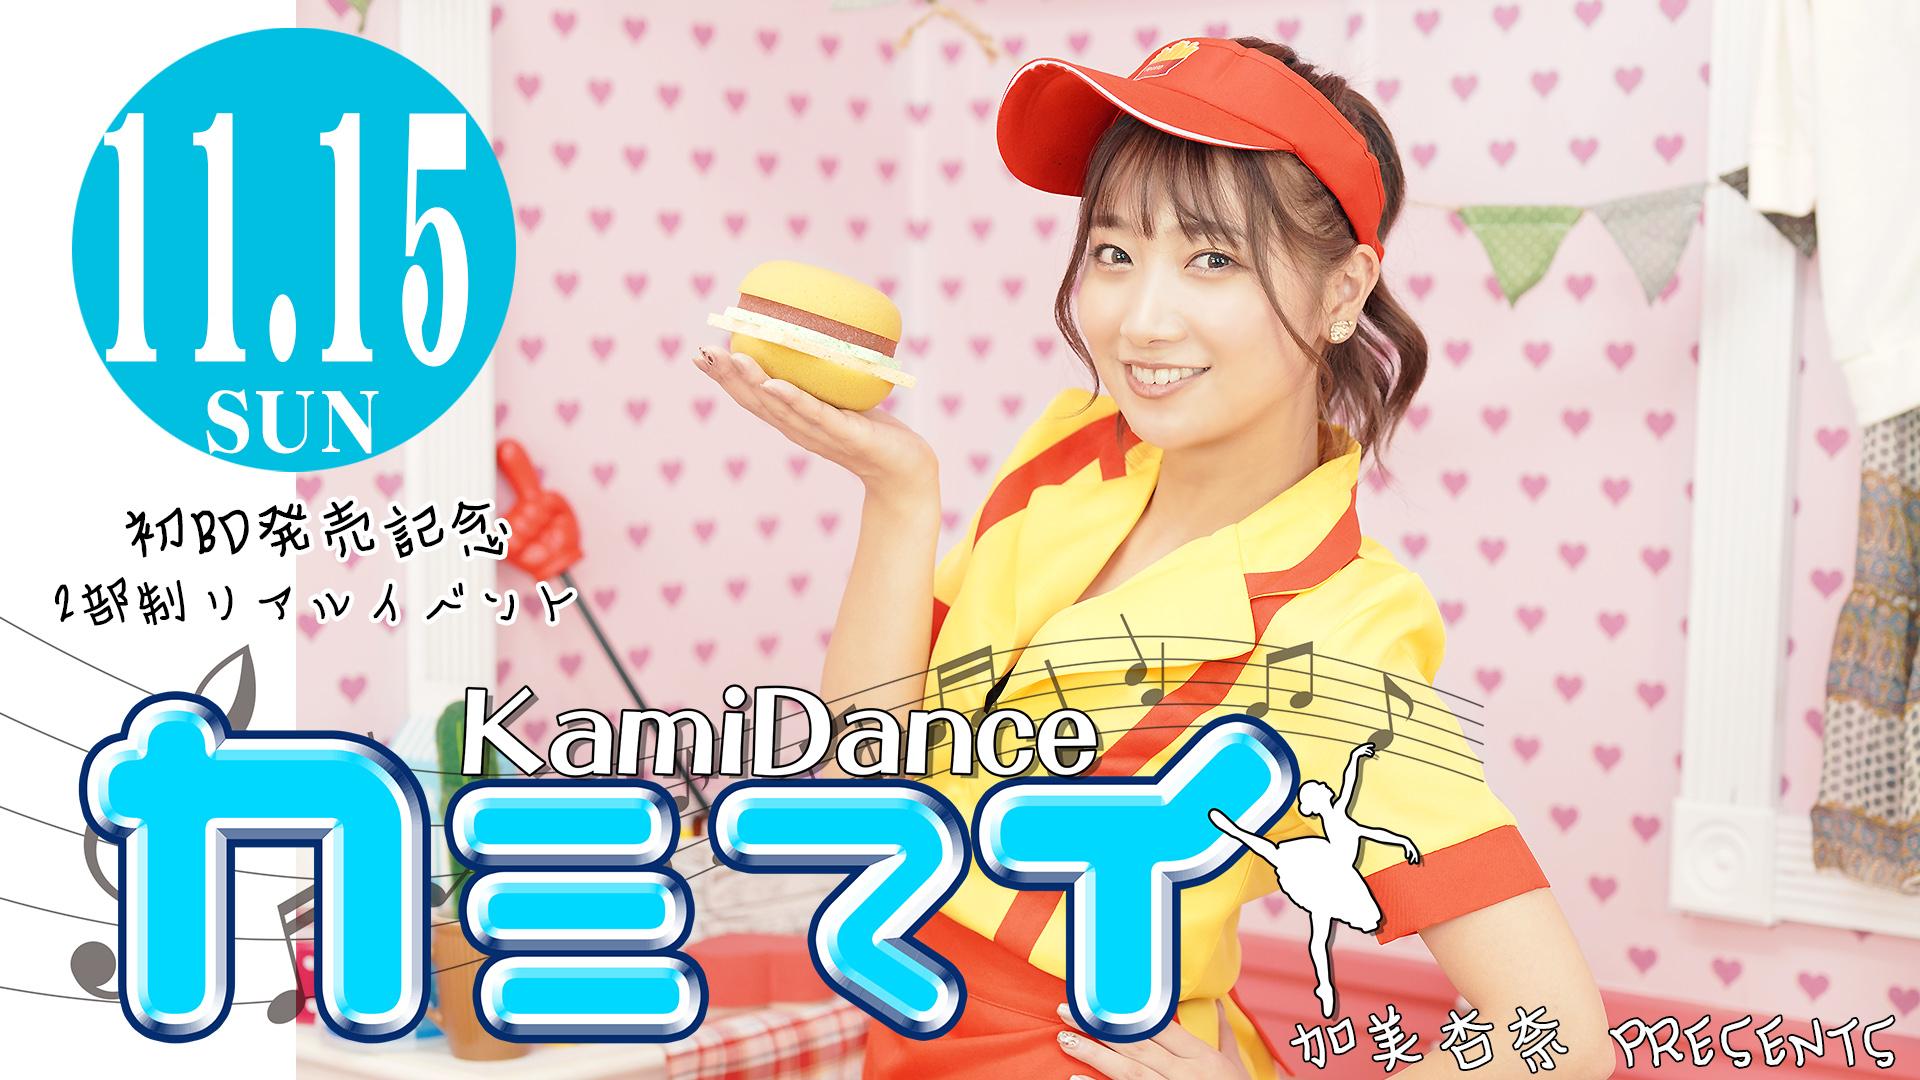 加美杏奈プレゼンツ「カミマイ!~KamiDance~」公開生放送【物販あり】